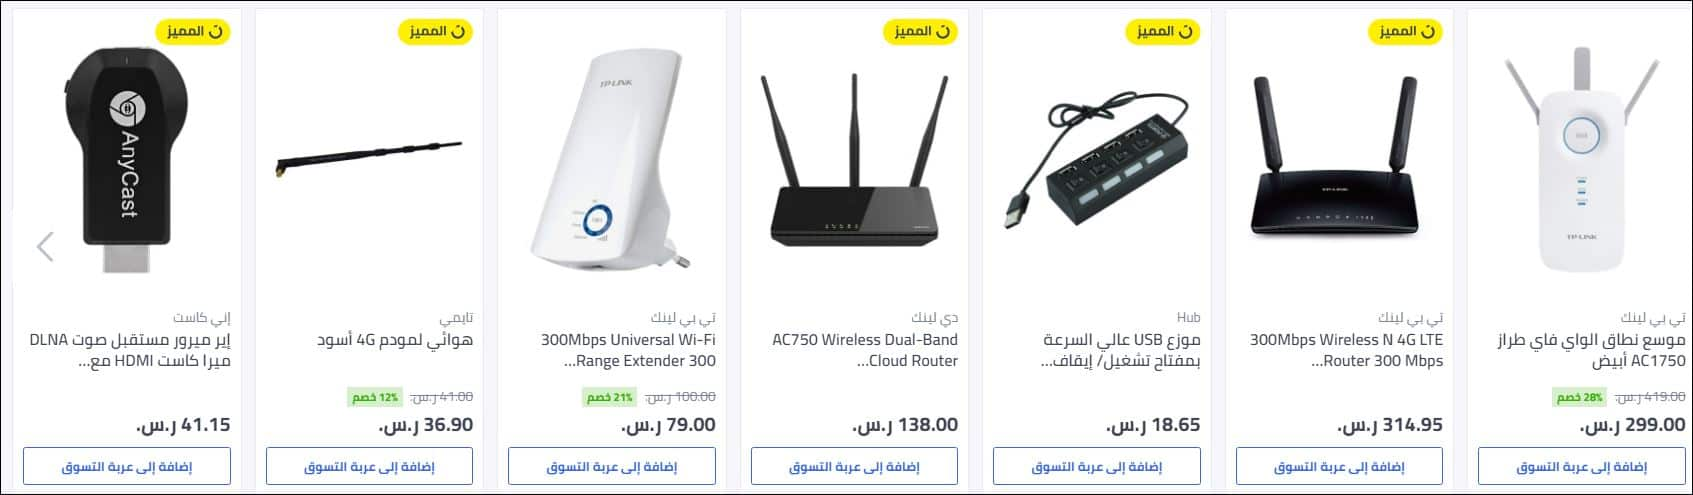 الكترونيات منتجات الشبكات